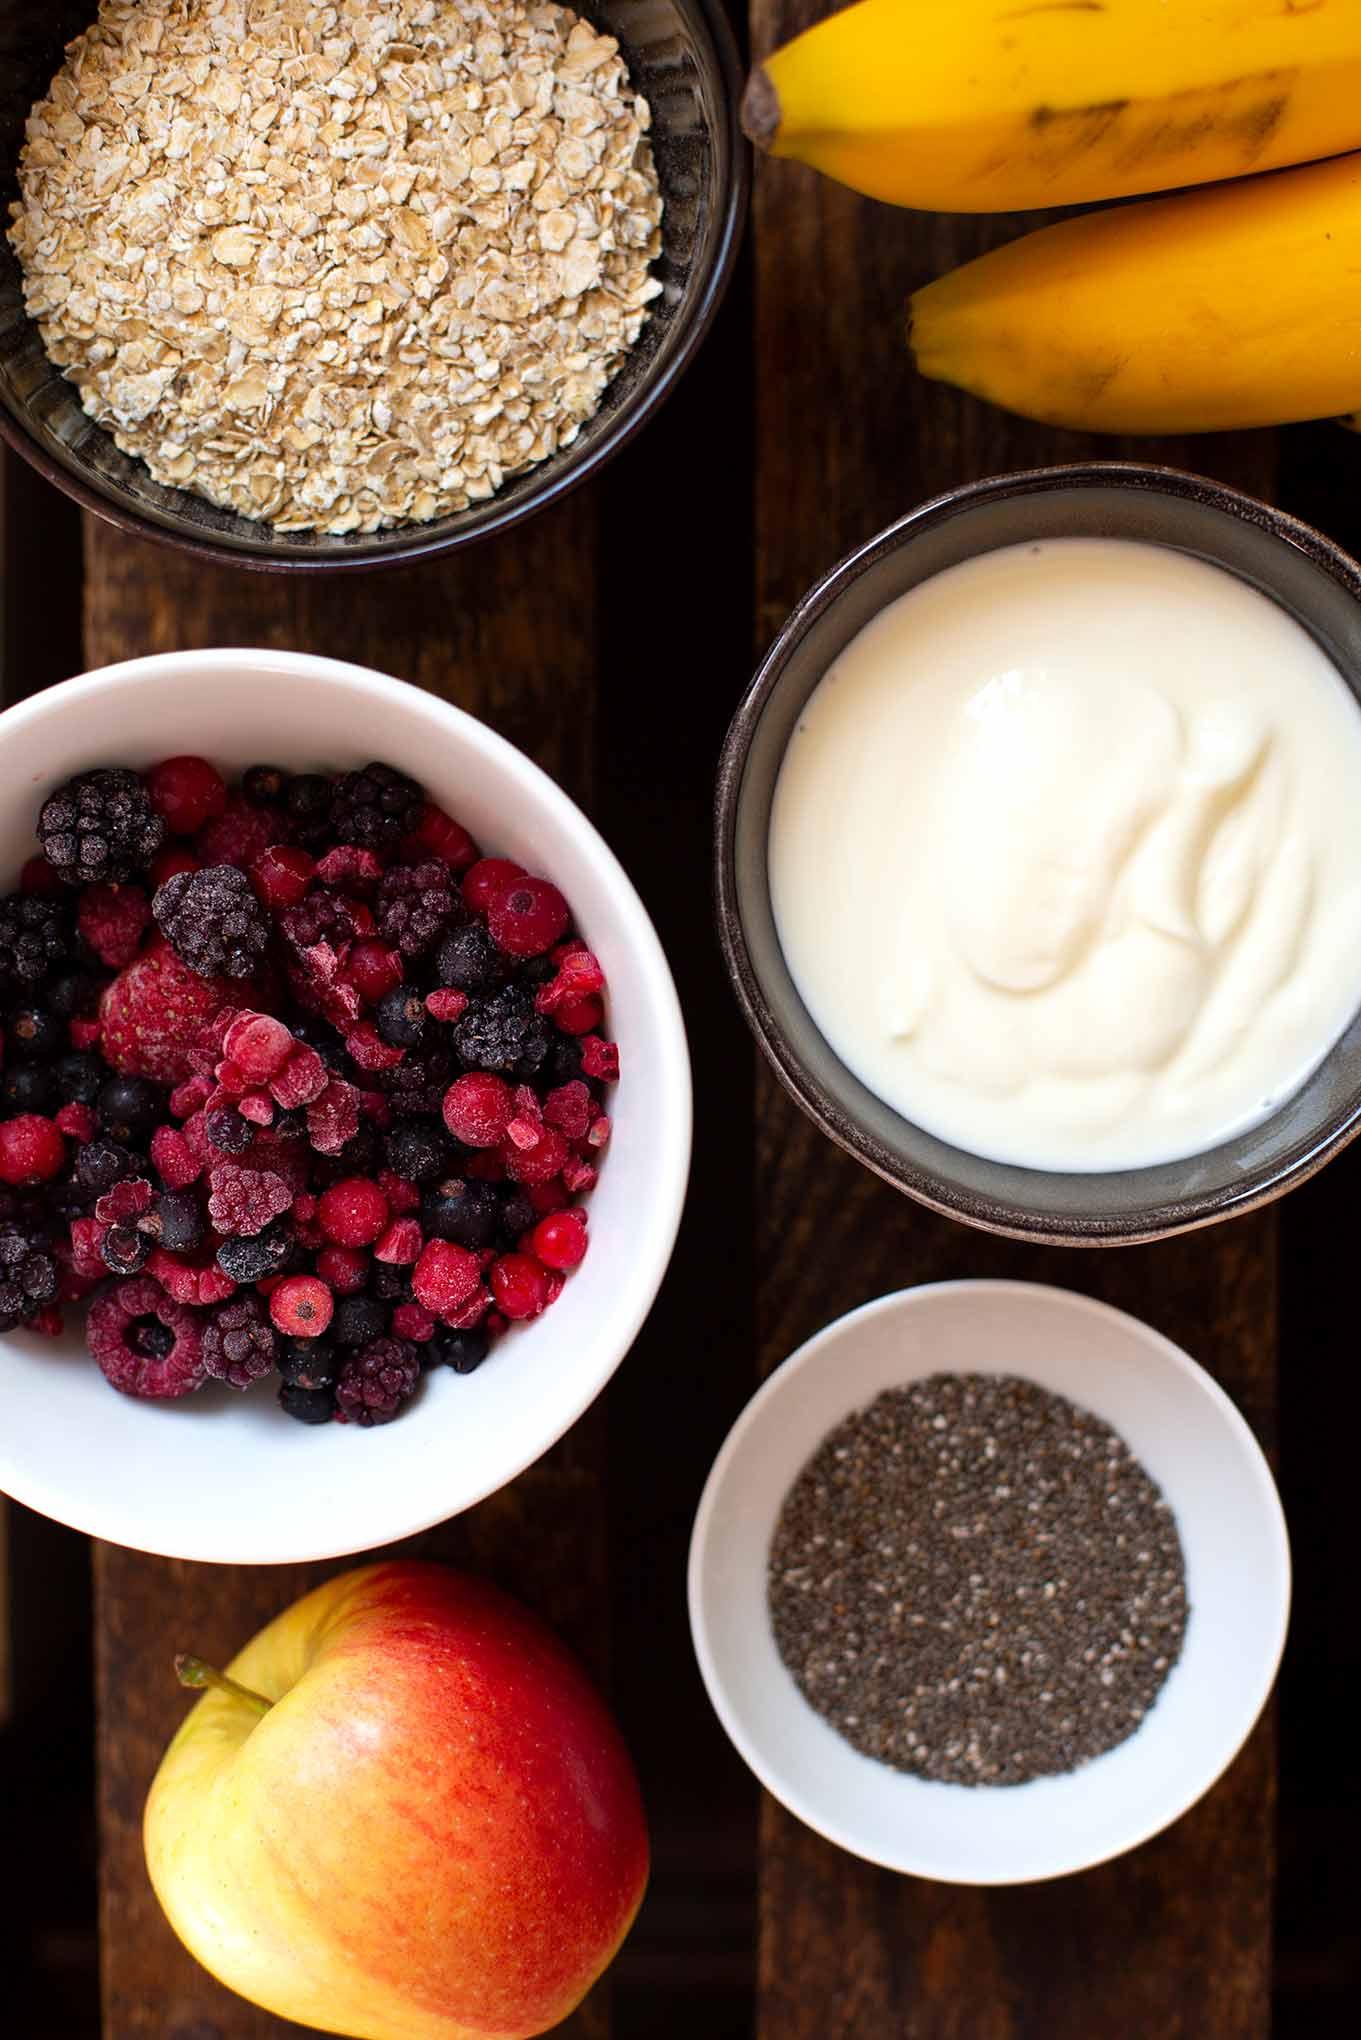 Dieses einfache Bircher Müsli Rezept ist vollgepackt mit Apfel, Banane, Joghurt und Beeren. Bonus: Du brauchst nur einen Mixer und 5 Min Zeit! - Kochkarussell Foodblog #birchermüsli #müsli #kochkarussell